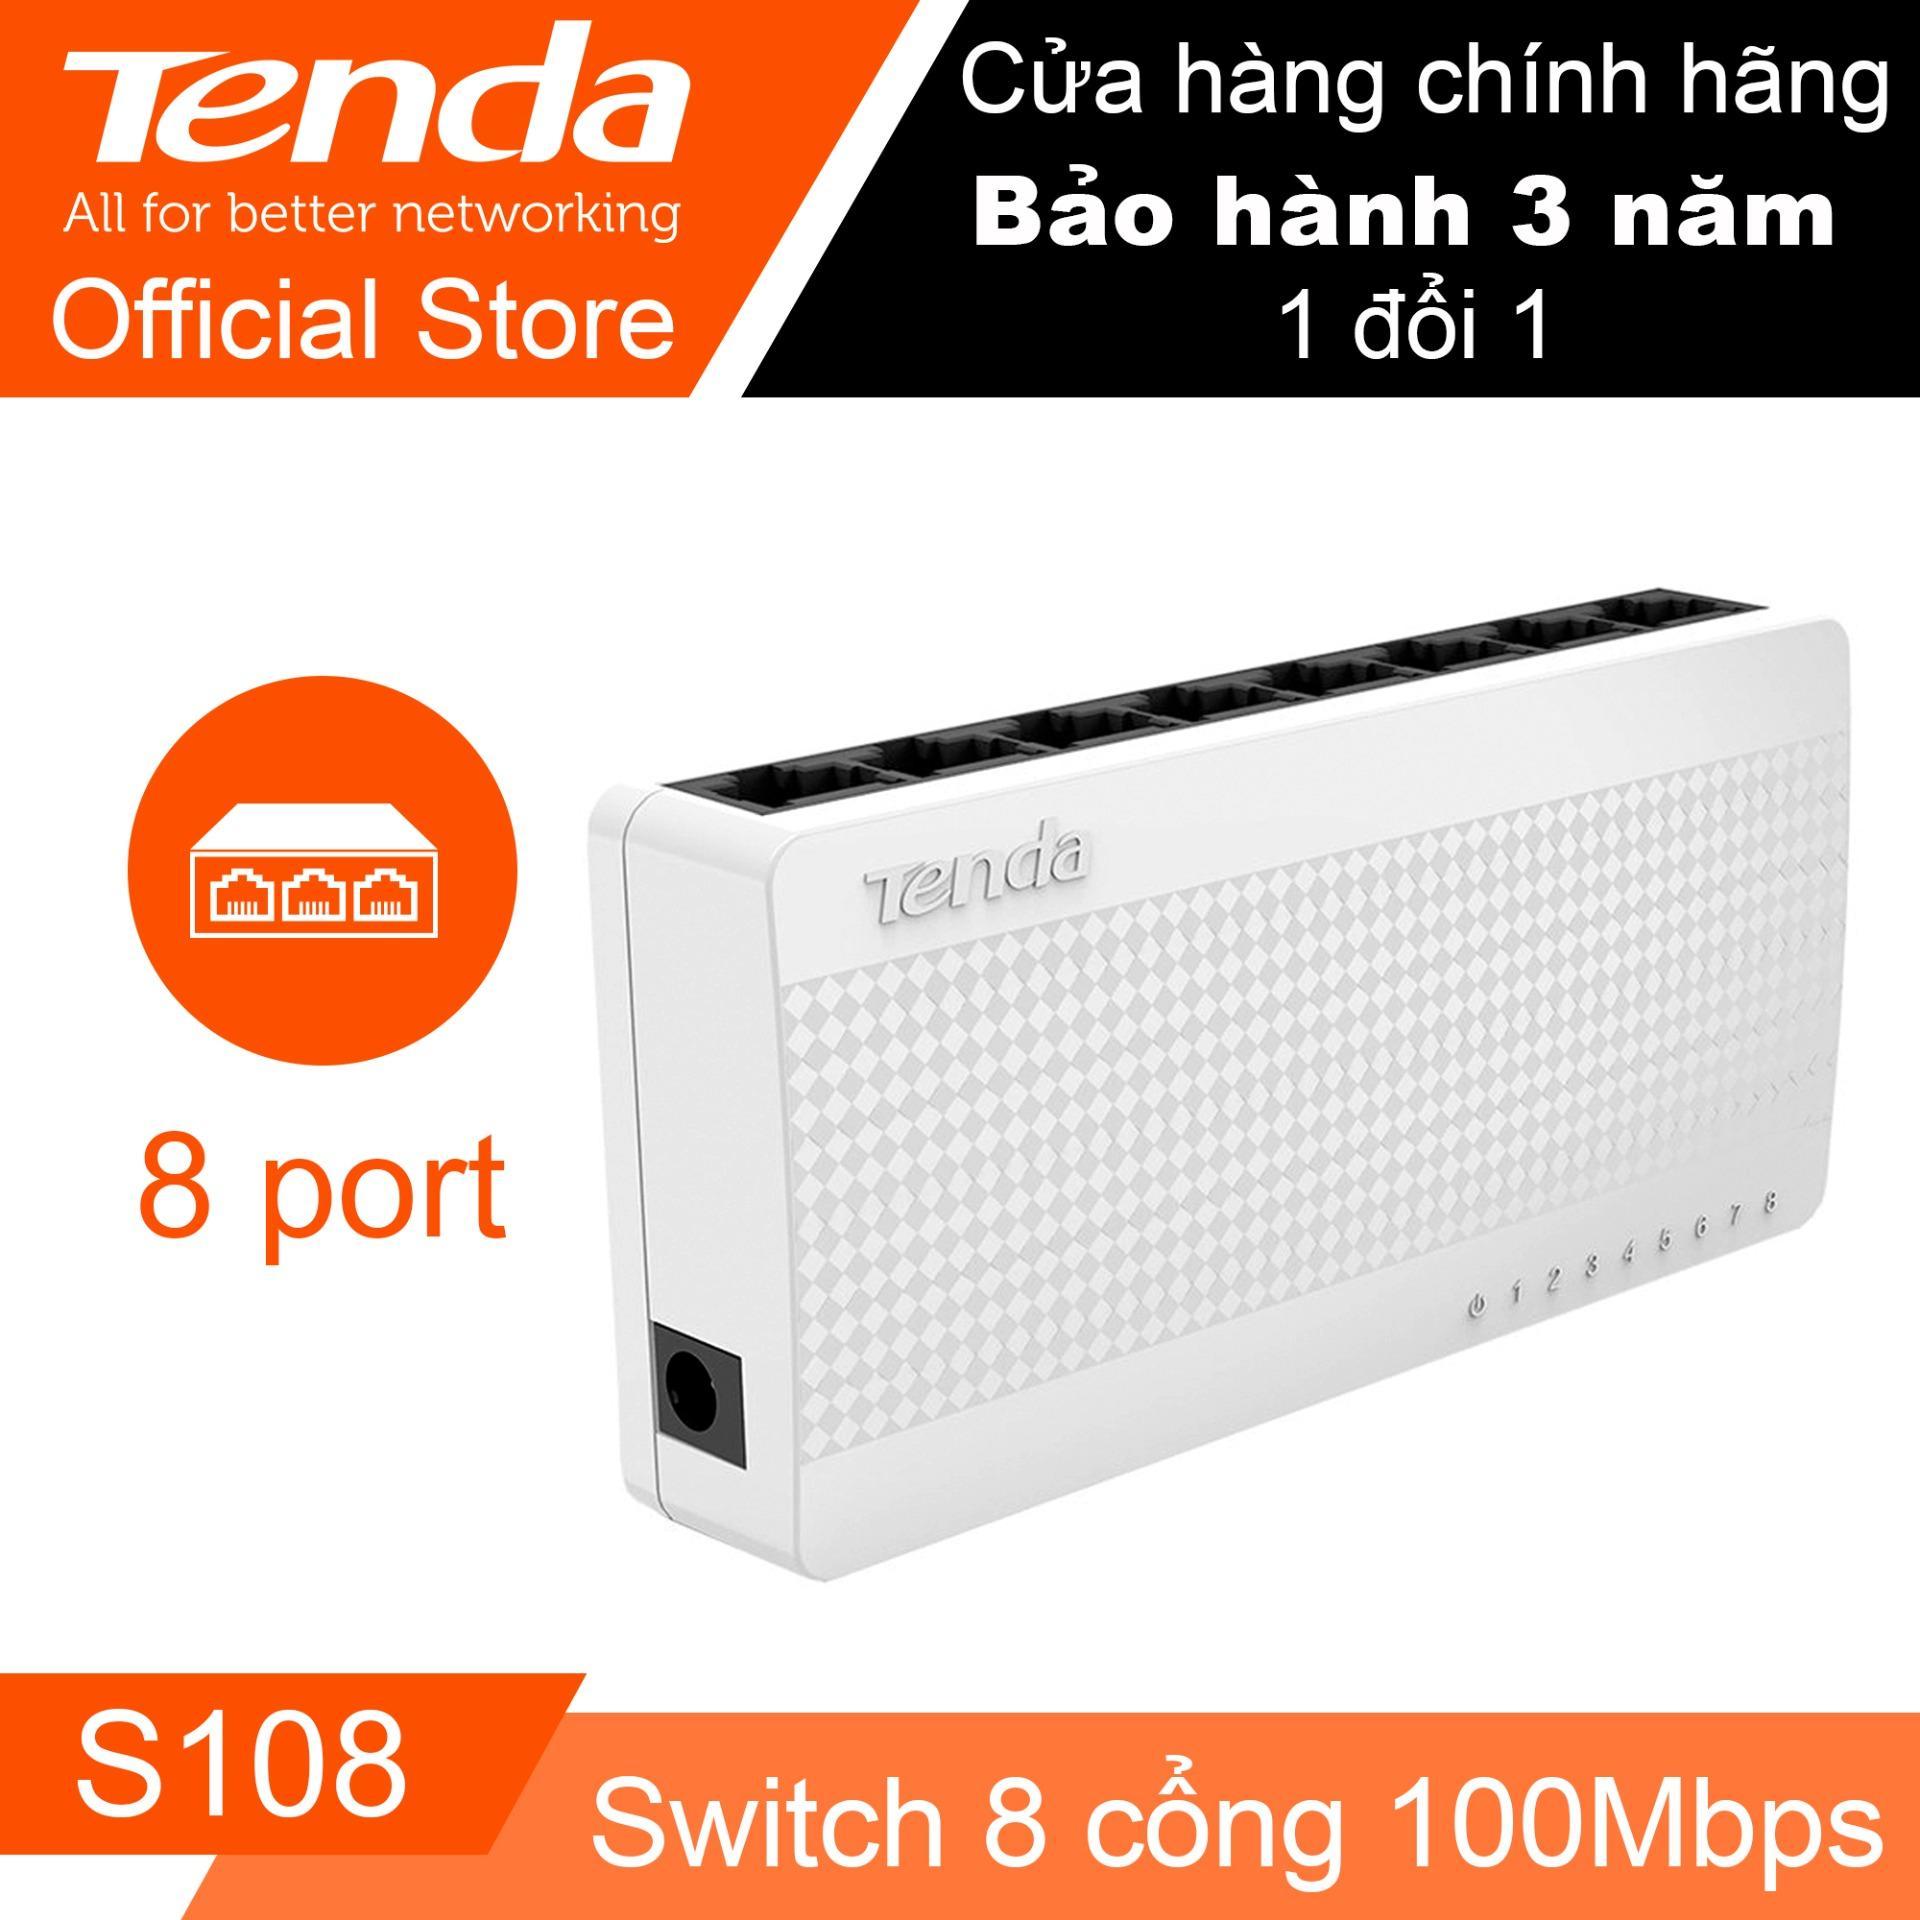 Hình ảnh Thiết bị Switch TENDA S108 – Desktop 8 cổng (Trắng) - Hãng Phân phối chính thức